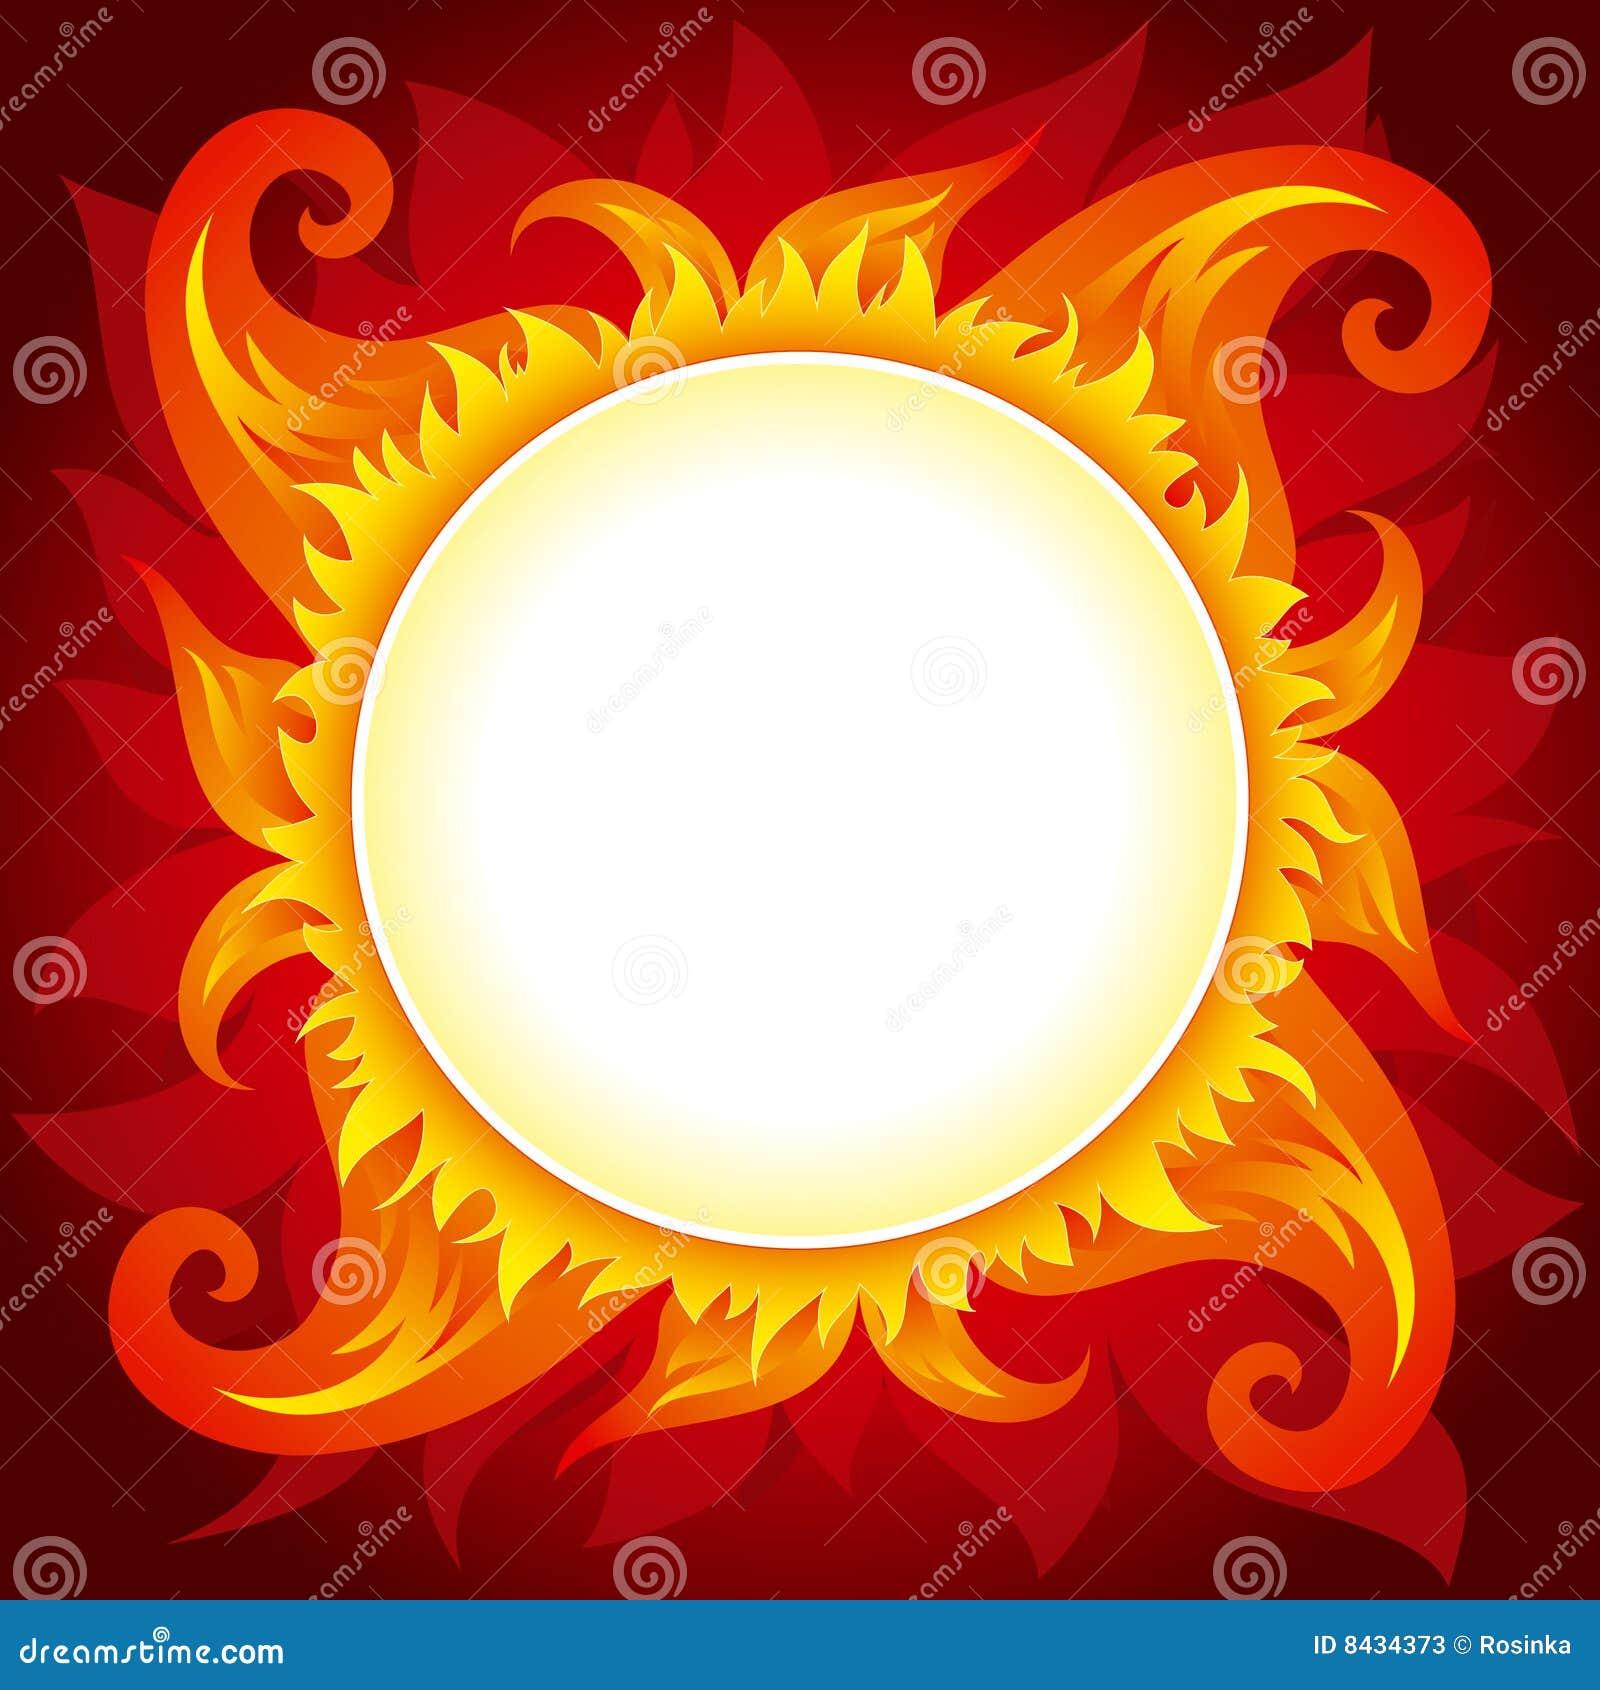 fire or sun vector background stock photos